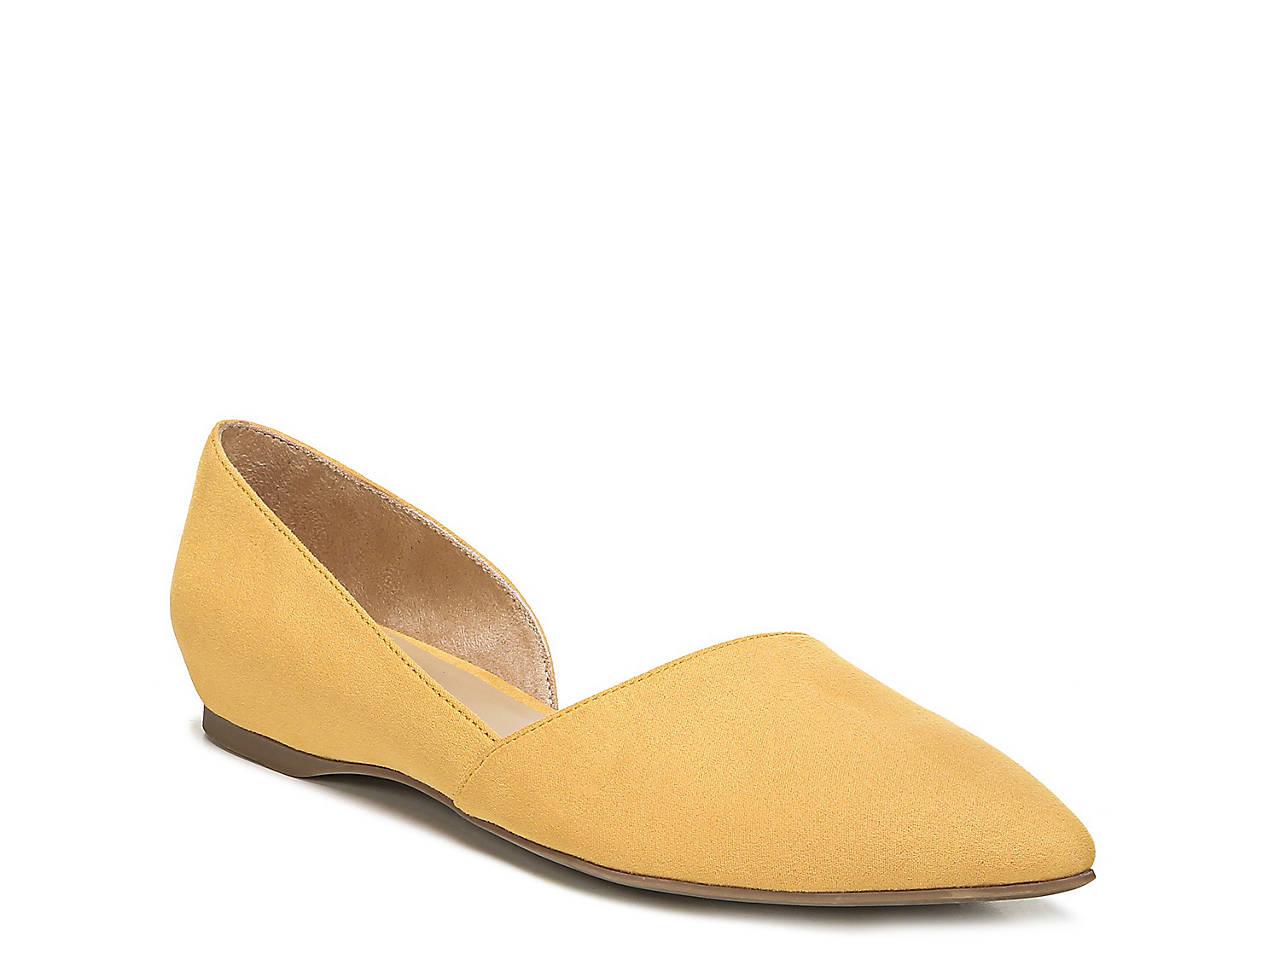 e891c87e77551 Naturalizer Tamara Flat Women's Shoes | DSW